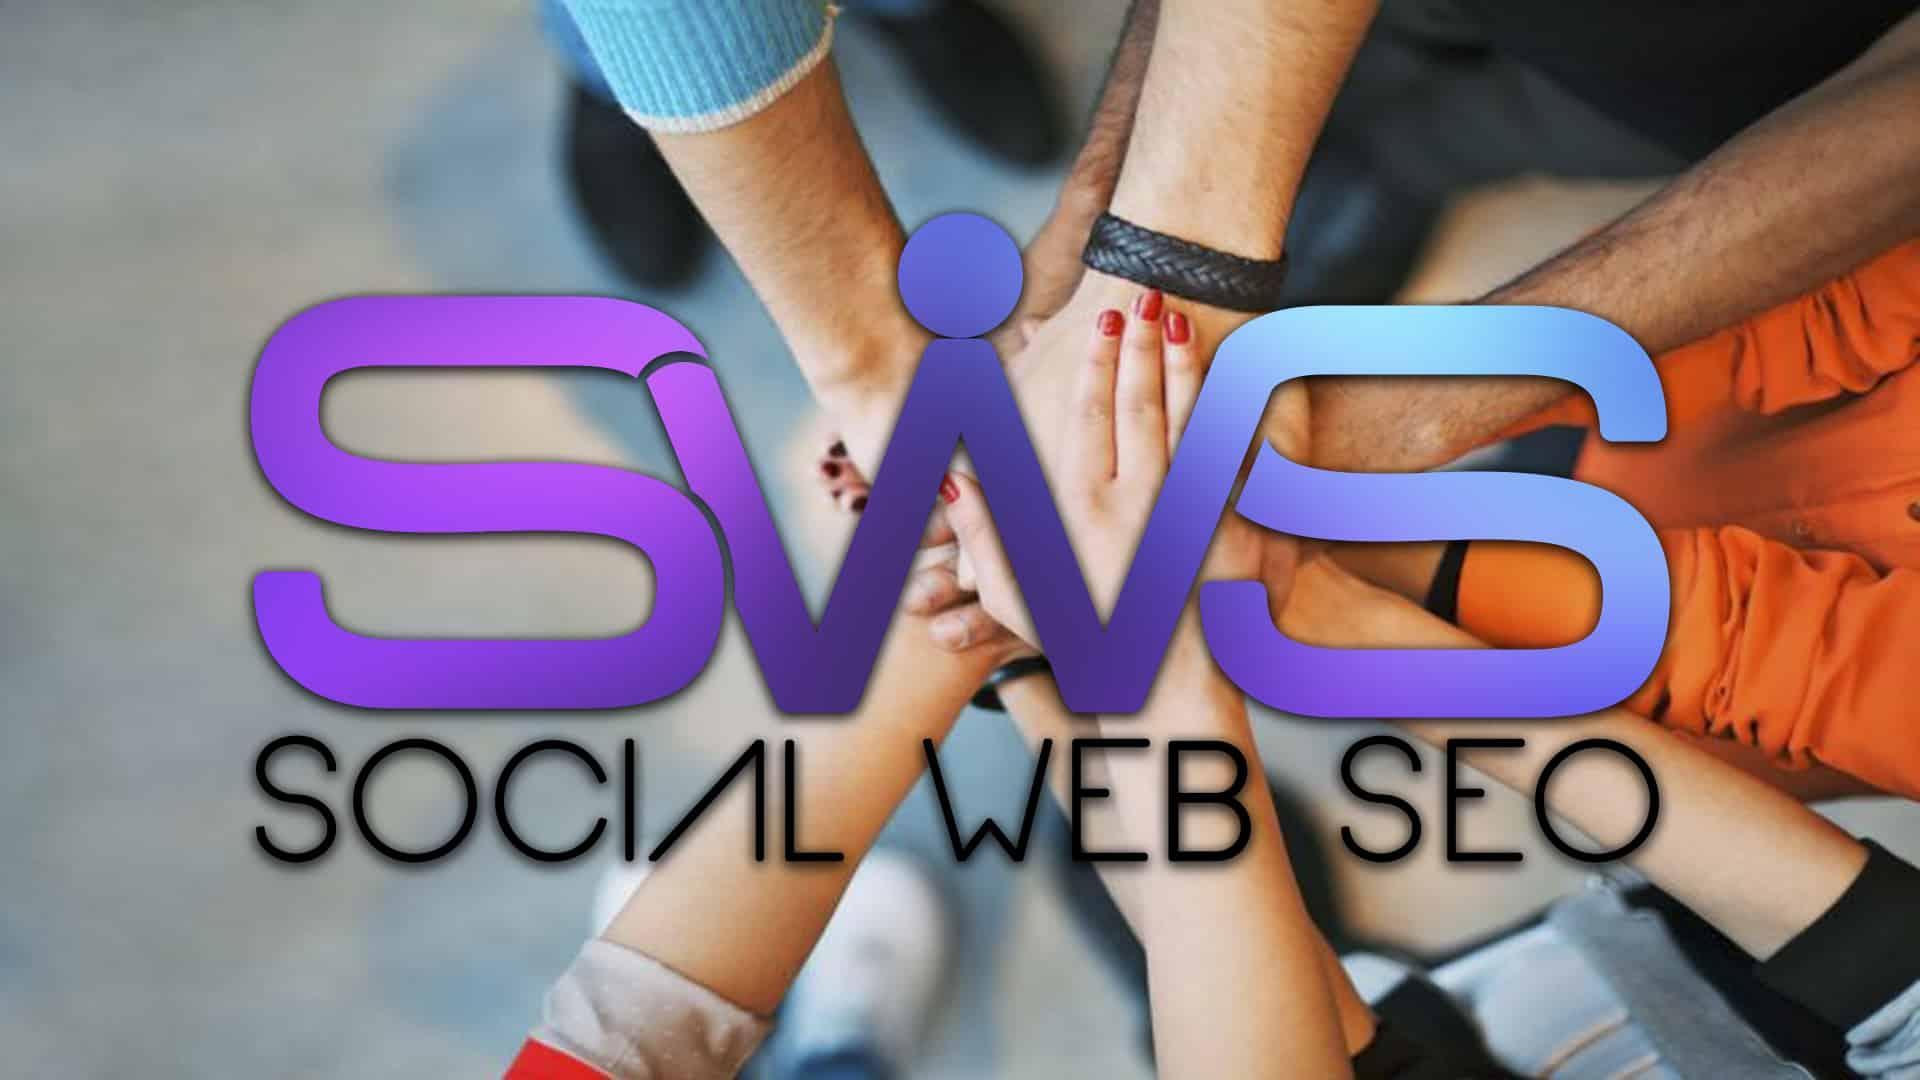 Social Web SEO - Pioneros en el Marketing Social Digital - Primera Consultora SEO en Venezuela 1 (5)